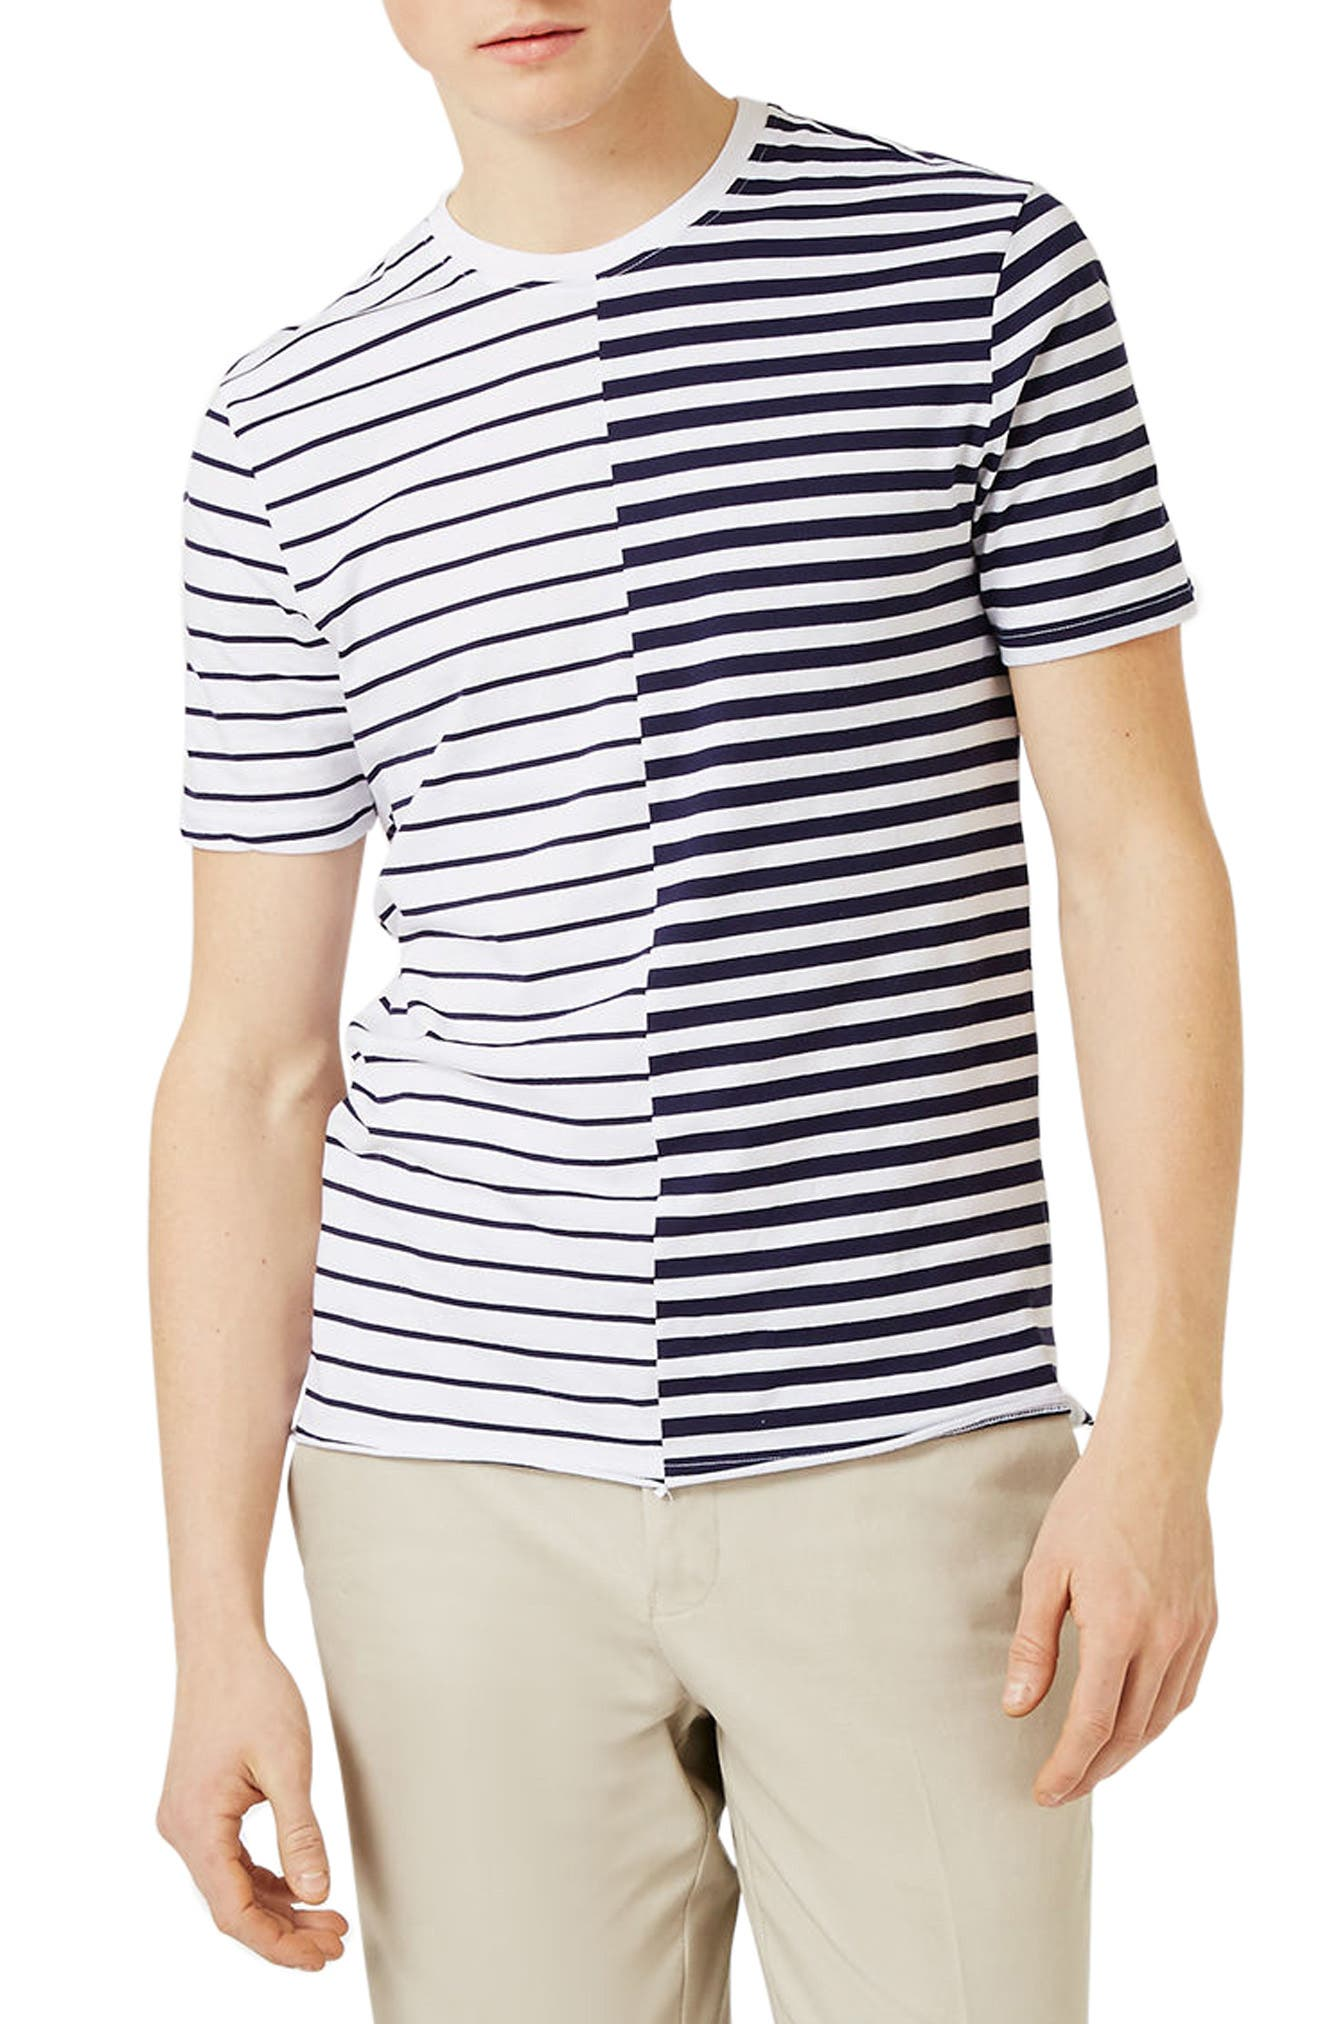 Topman Spliced Stripe T-Shirt